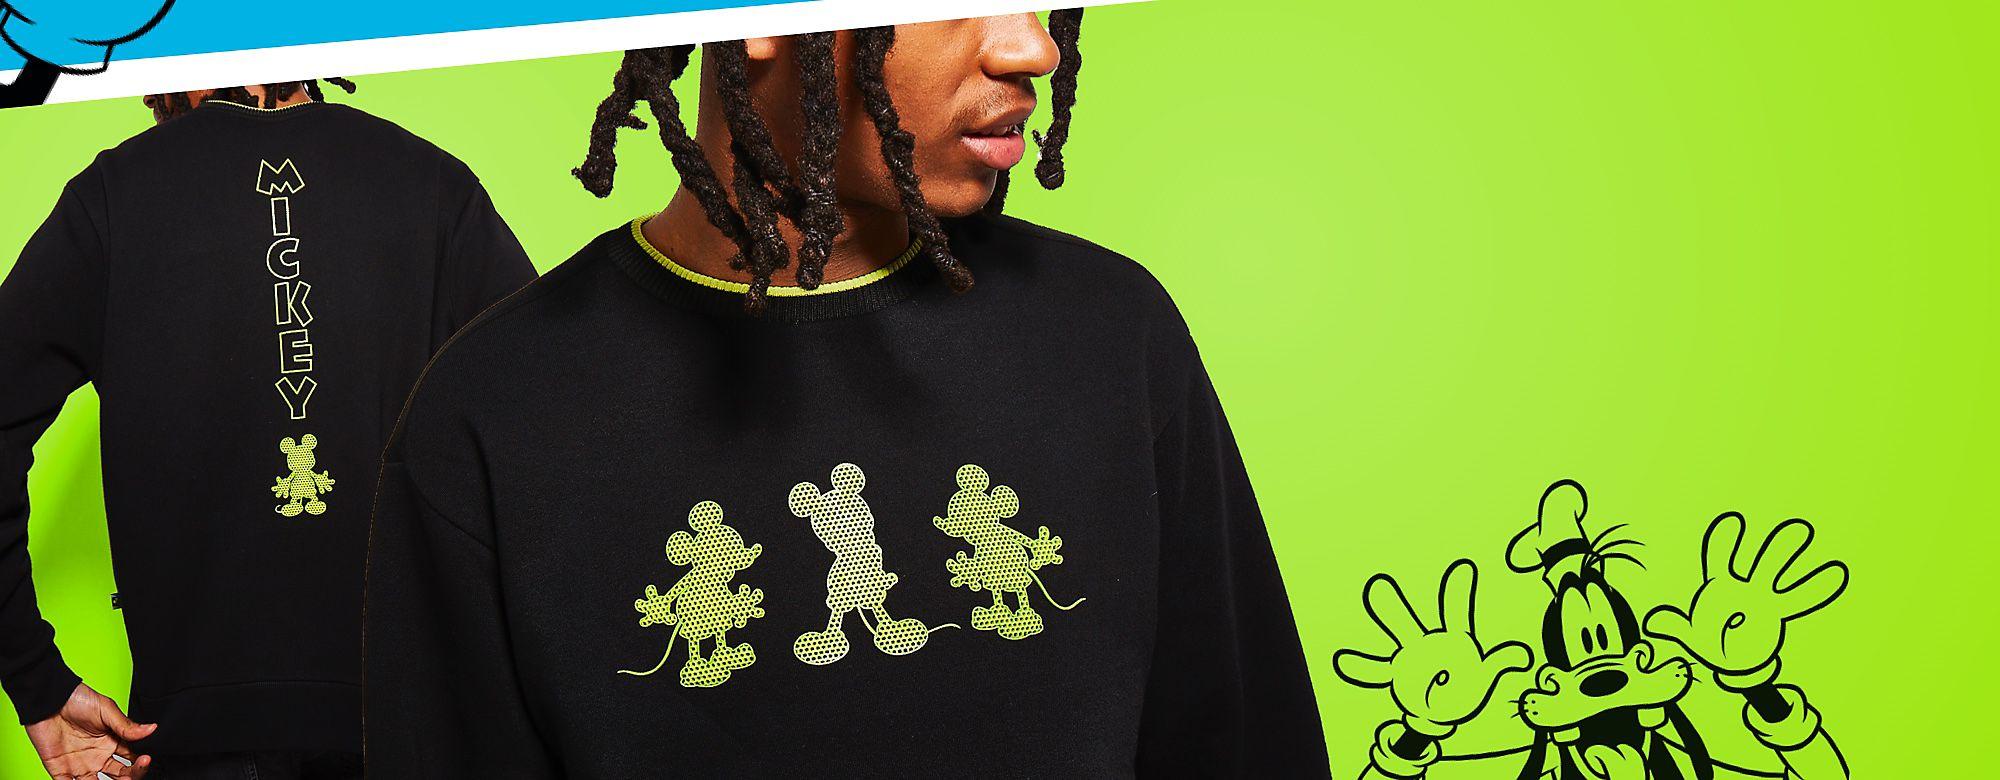 Colección  Mickey Mouse: Neon Festival Luce un rollito informal al estilo Disney con nuestros básicos de moda COMPRAR